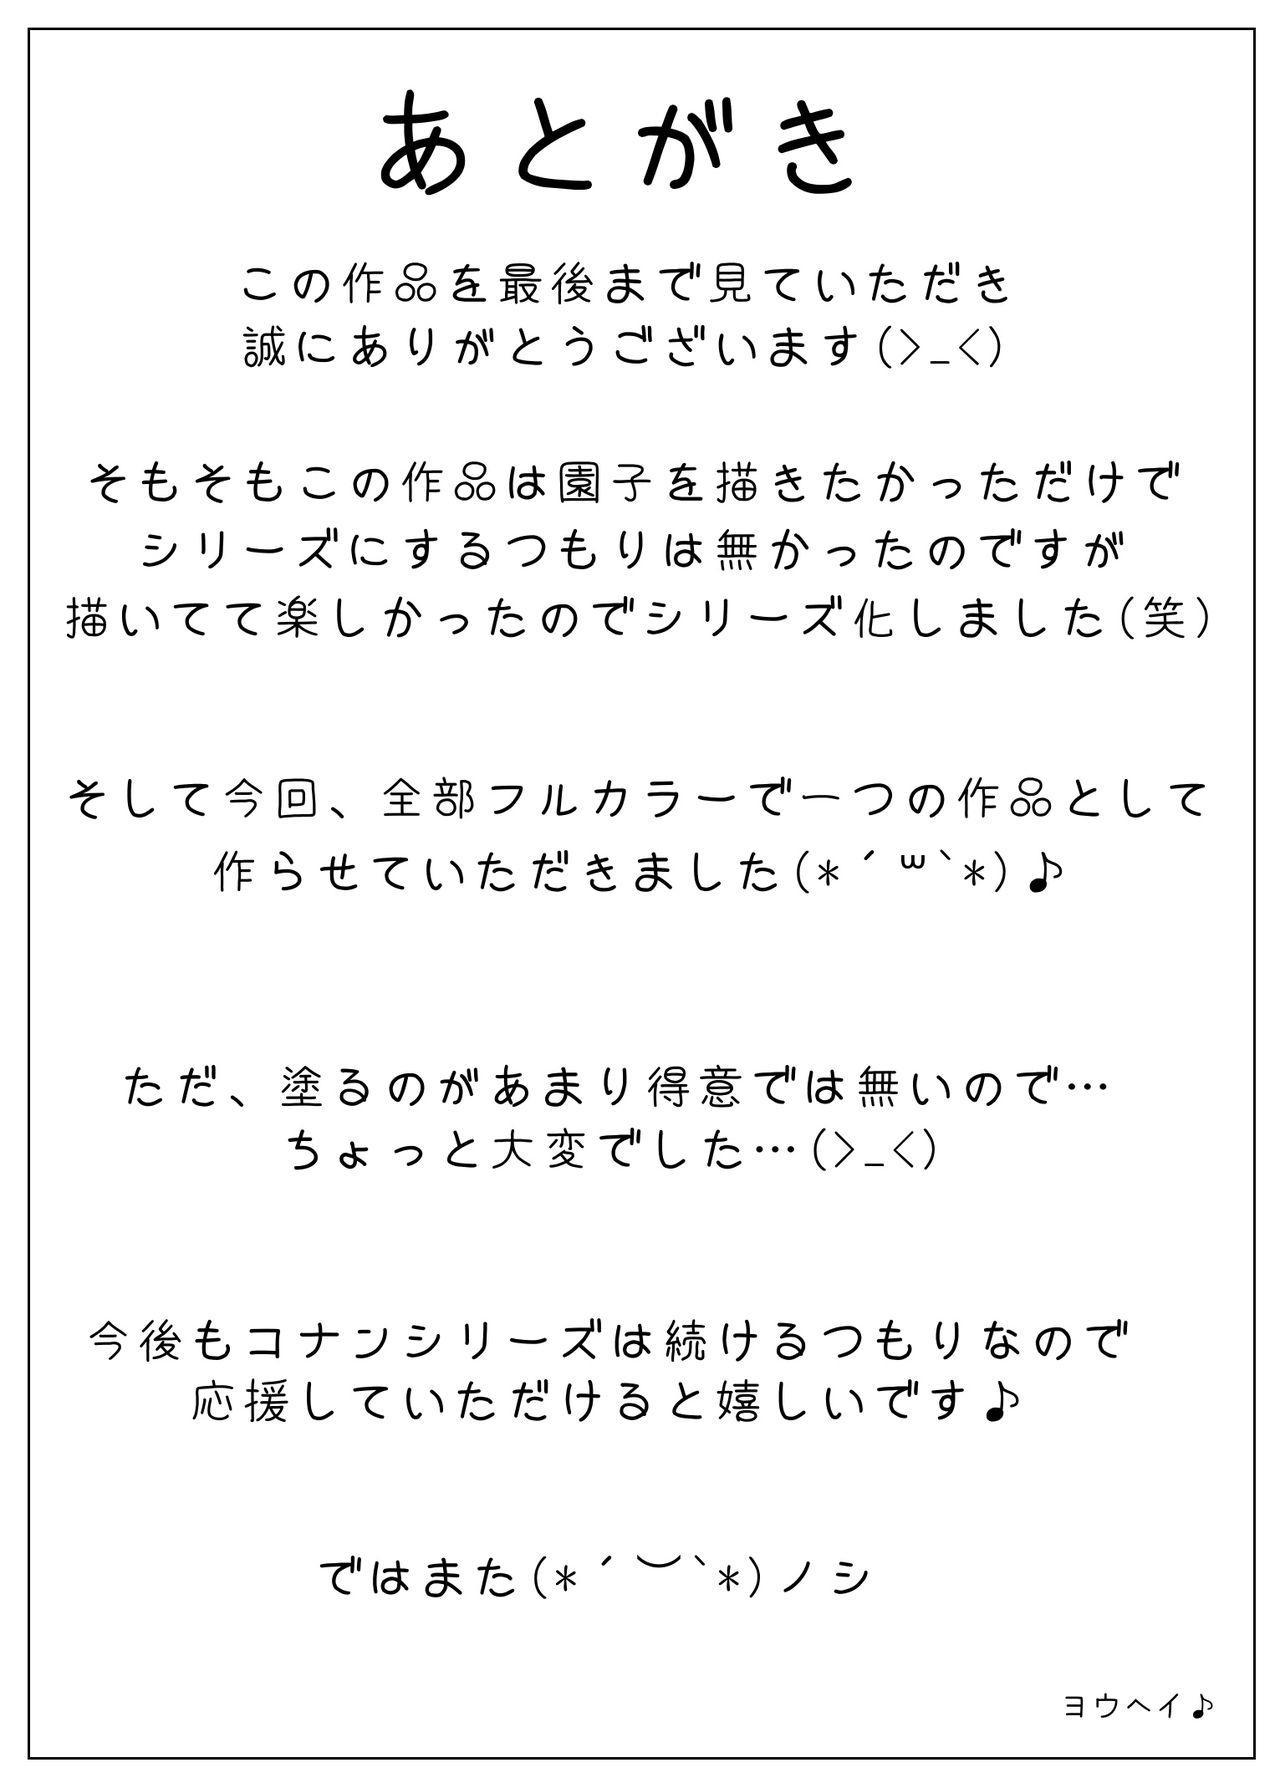 Conan NTR Series No. 1 35